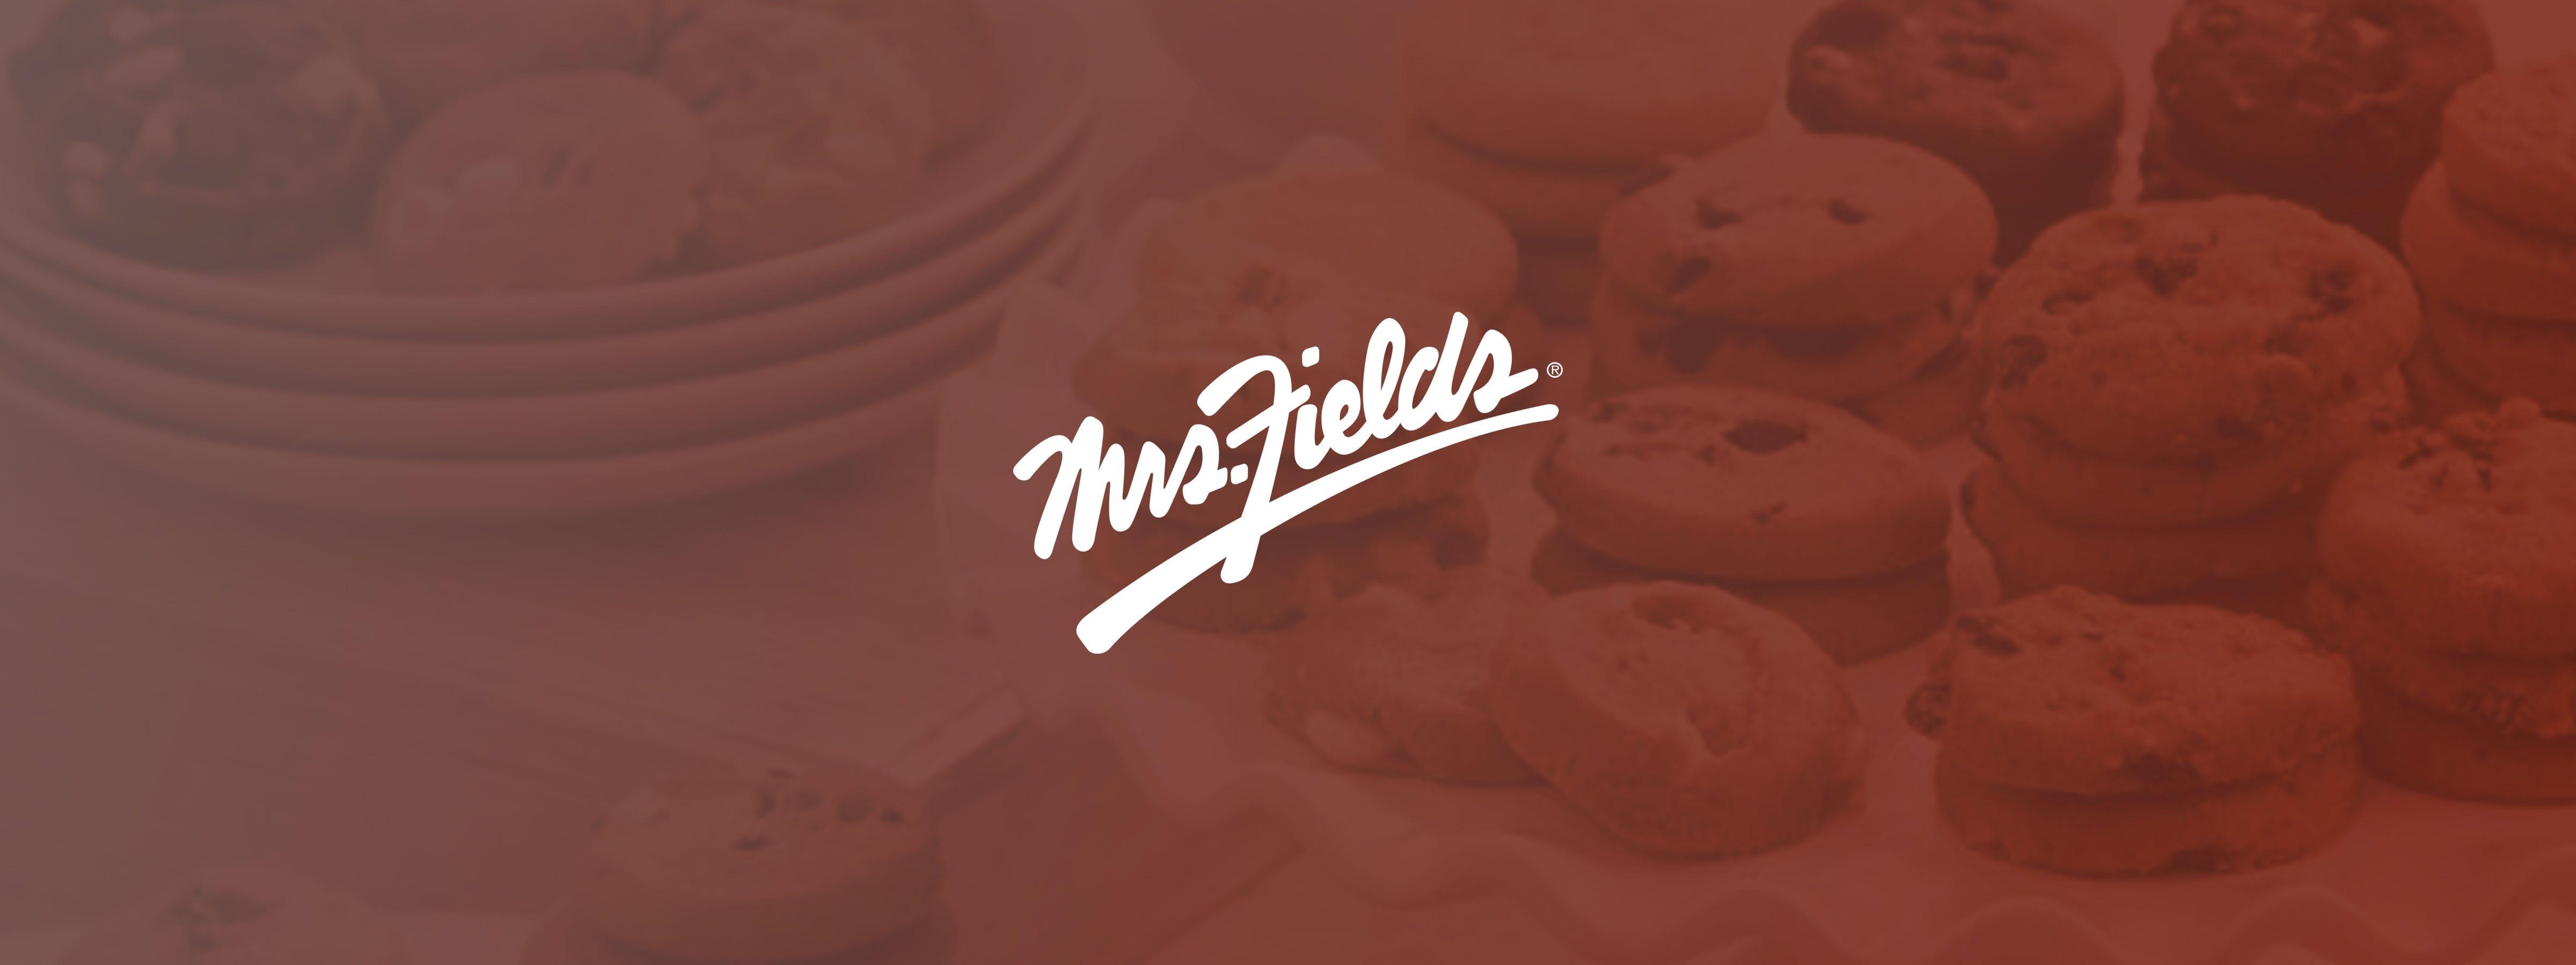 MrsFields_CaseStudy_LP_1-min